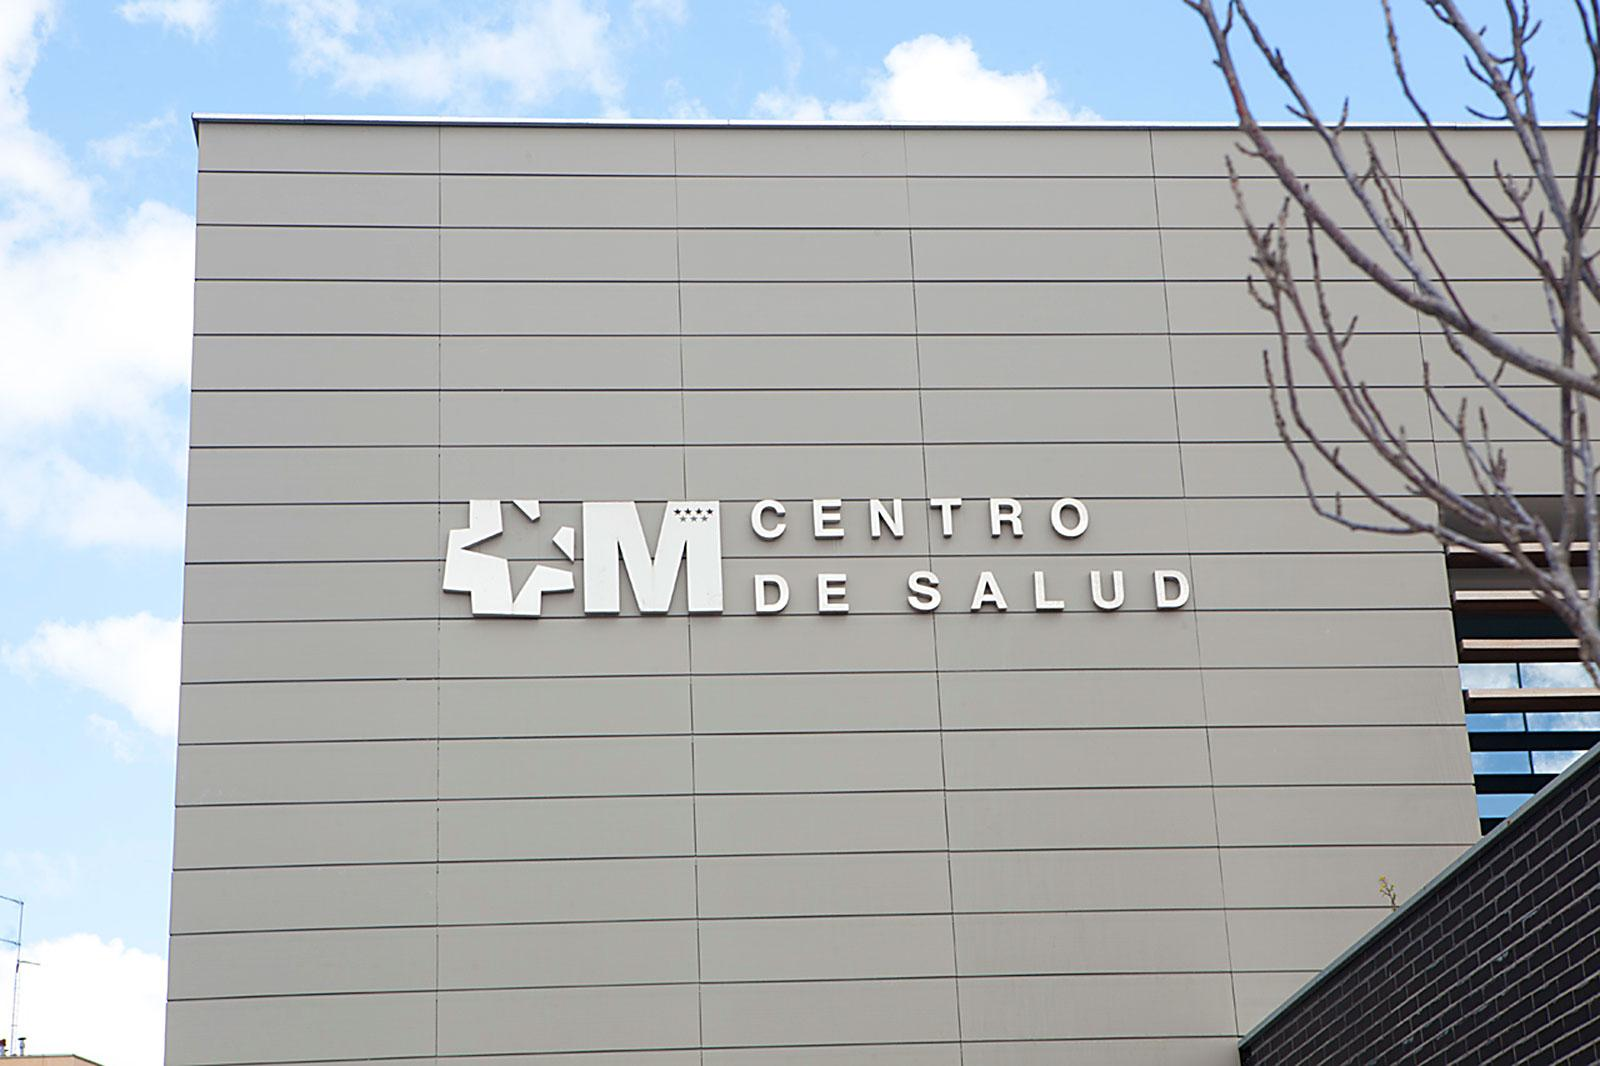 detalle fachada Centro de salud Alcobendas